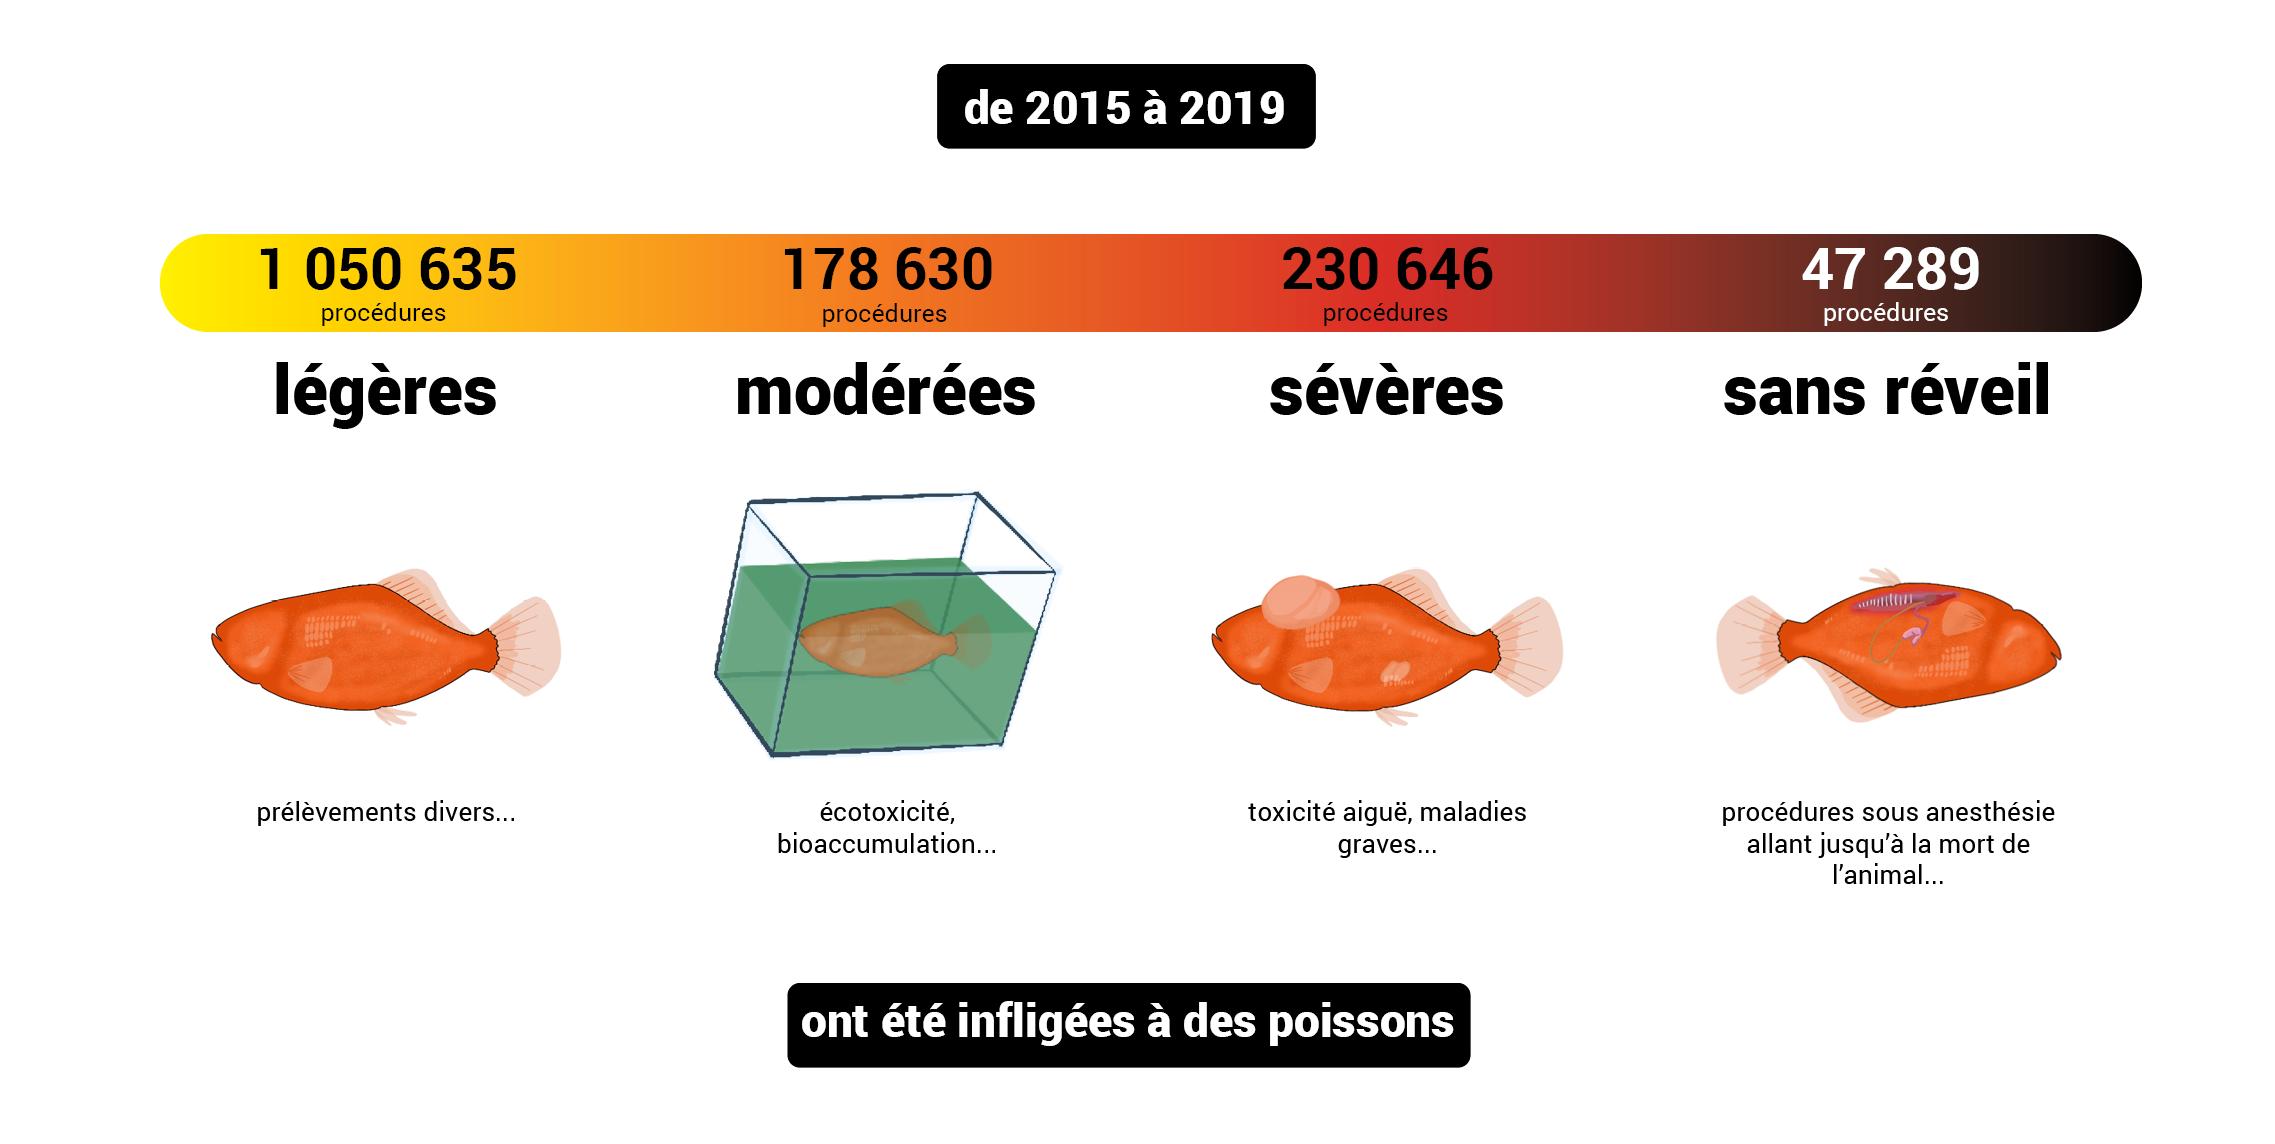 gravités_2015-2019_poissons